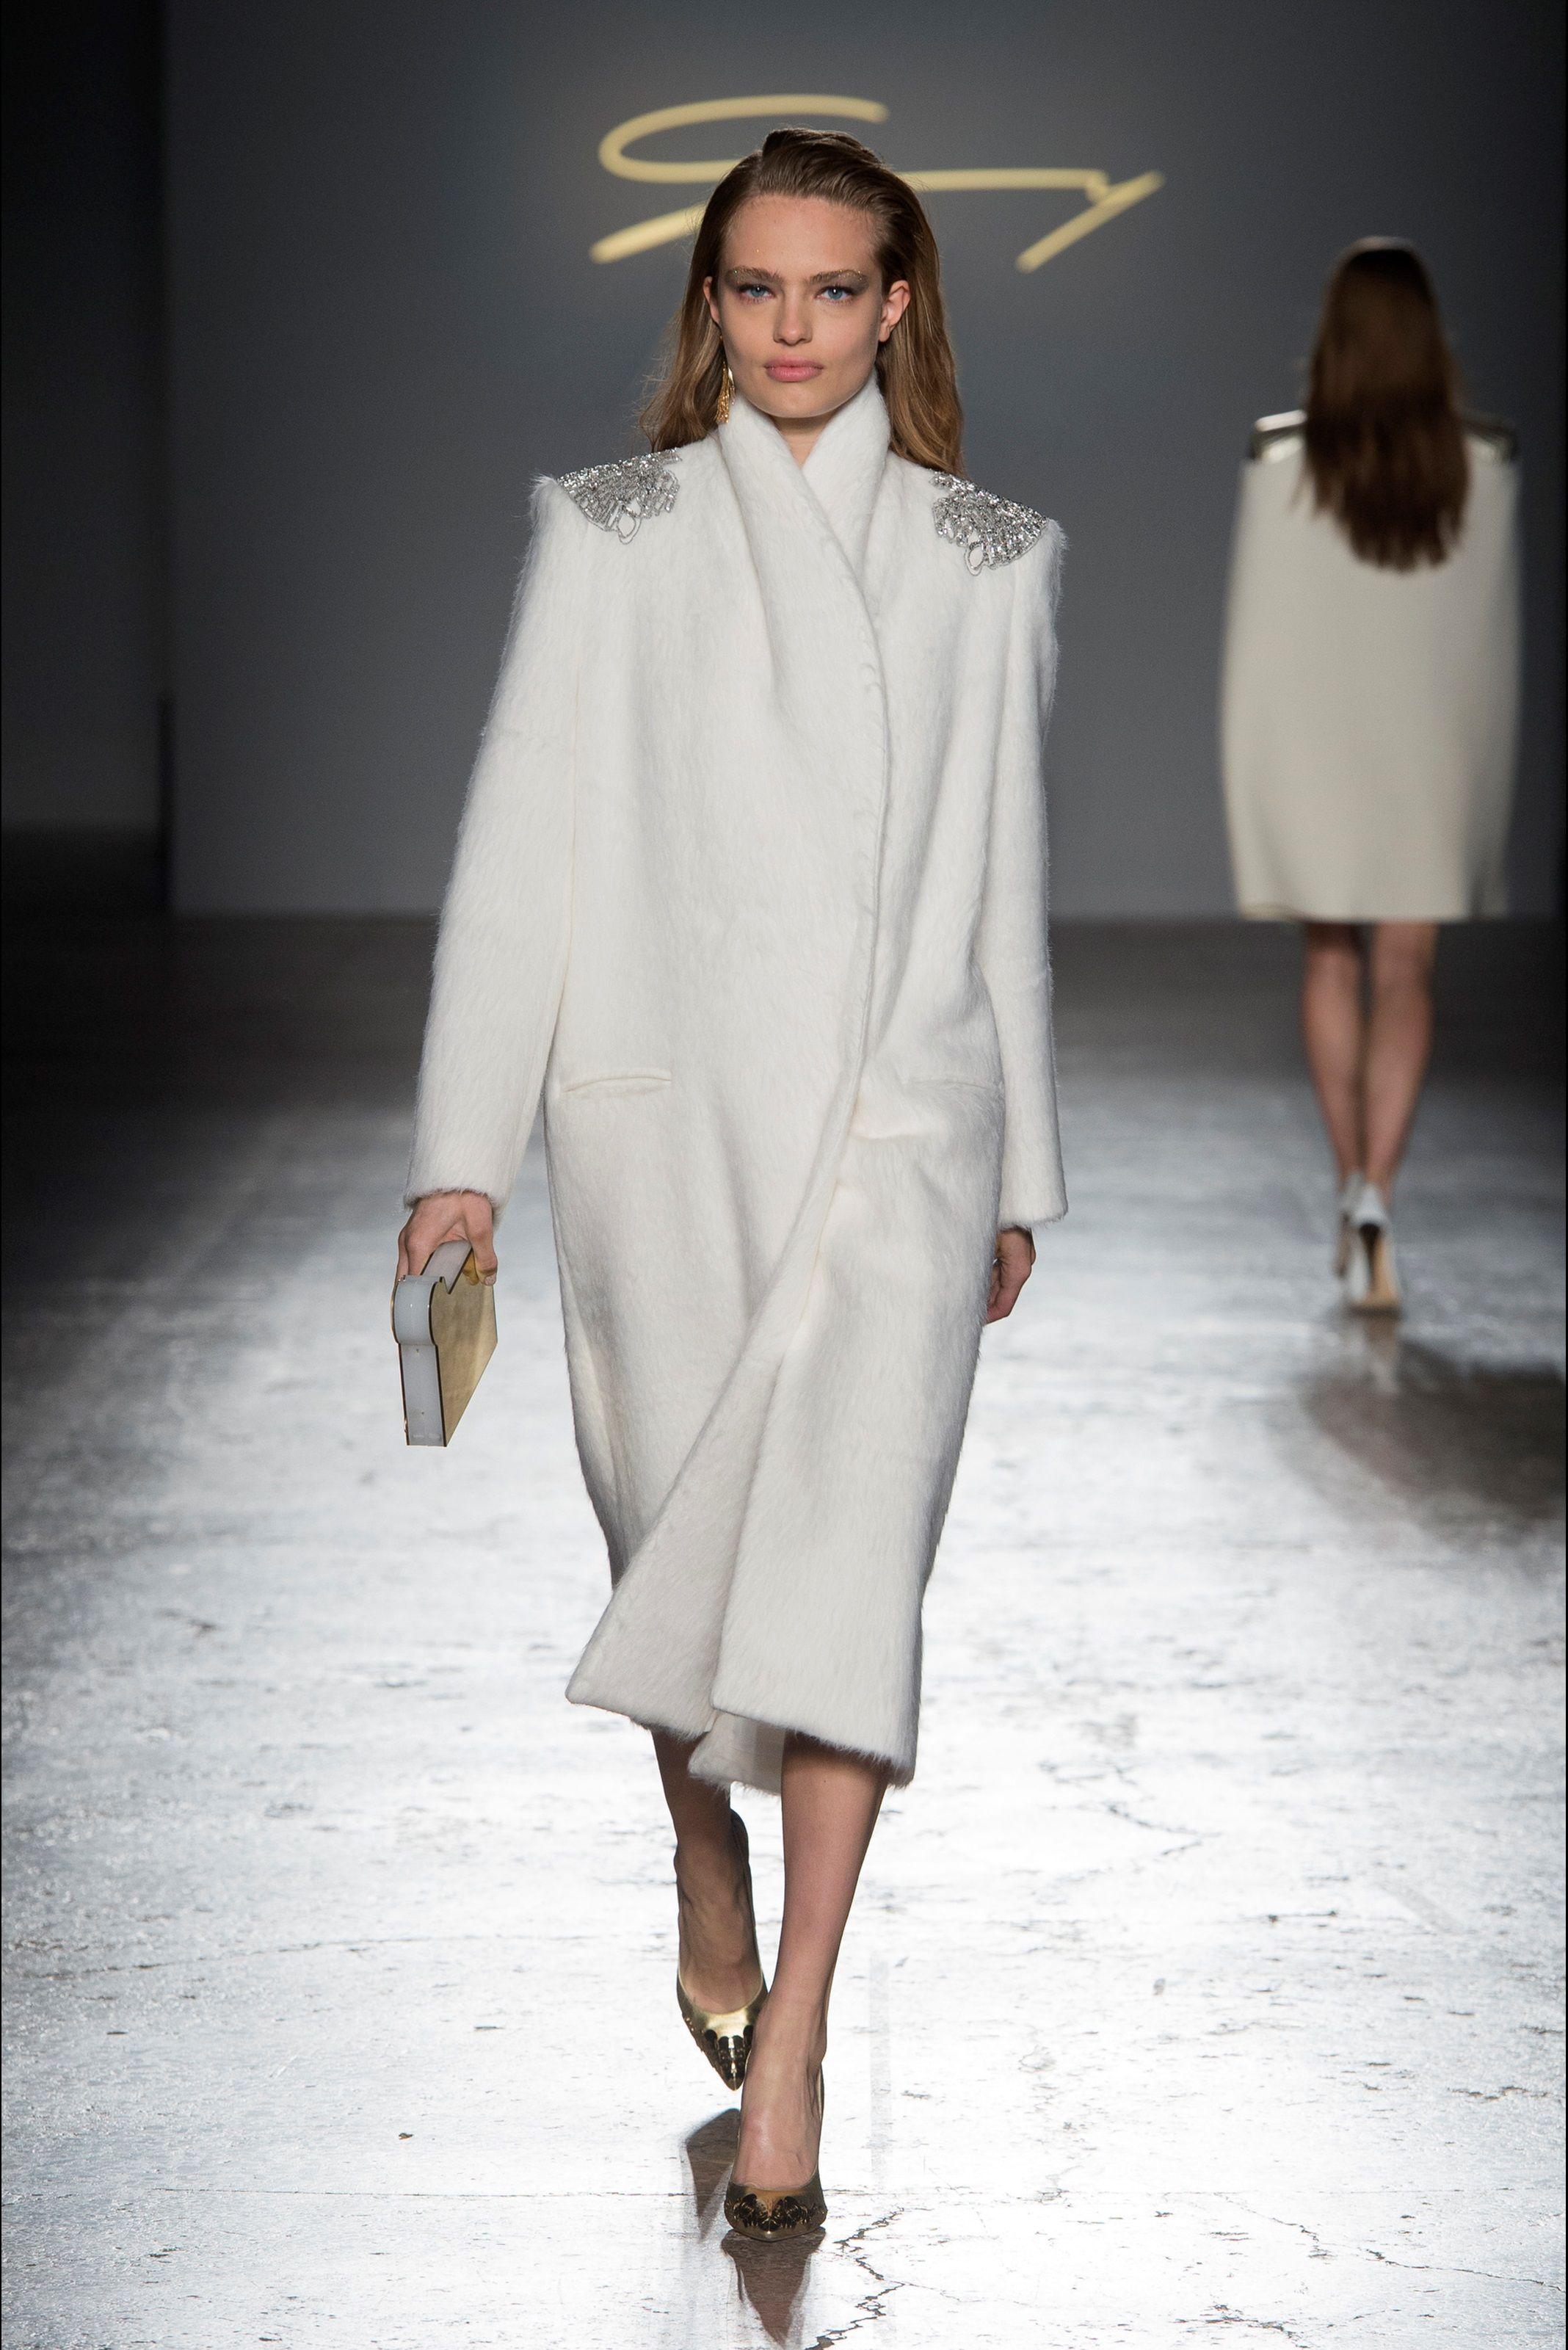 Sfilata Genny Milano - Collezioni Autunno Inverno 2017-18 - Vogue